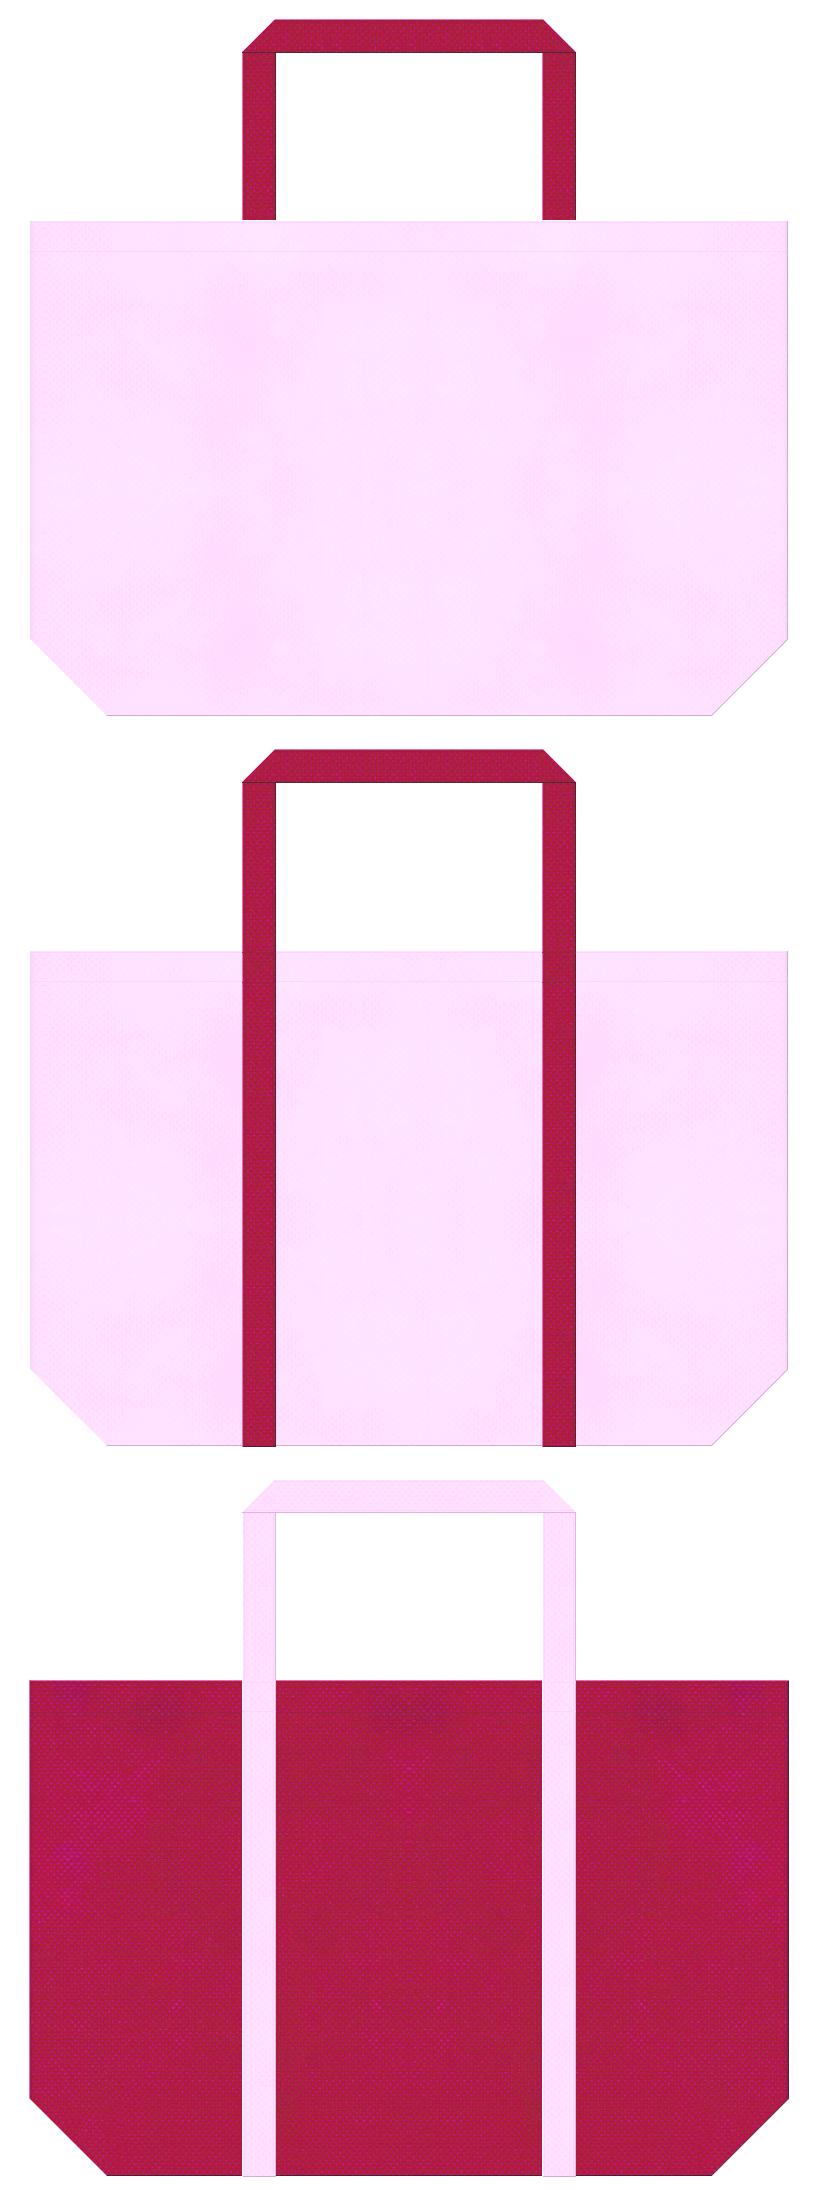 医療・和風催事・いちご・パフェ・クレープ・桜・花束・マーメイド・プリティー・ピエロ・女王様・プリンセス・ガーリーデザインのショッピングバッグにお奨めの不織布バッグデザイン:パステルピンク色と濃いピンク色のコーデ